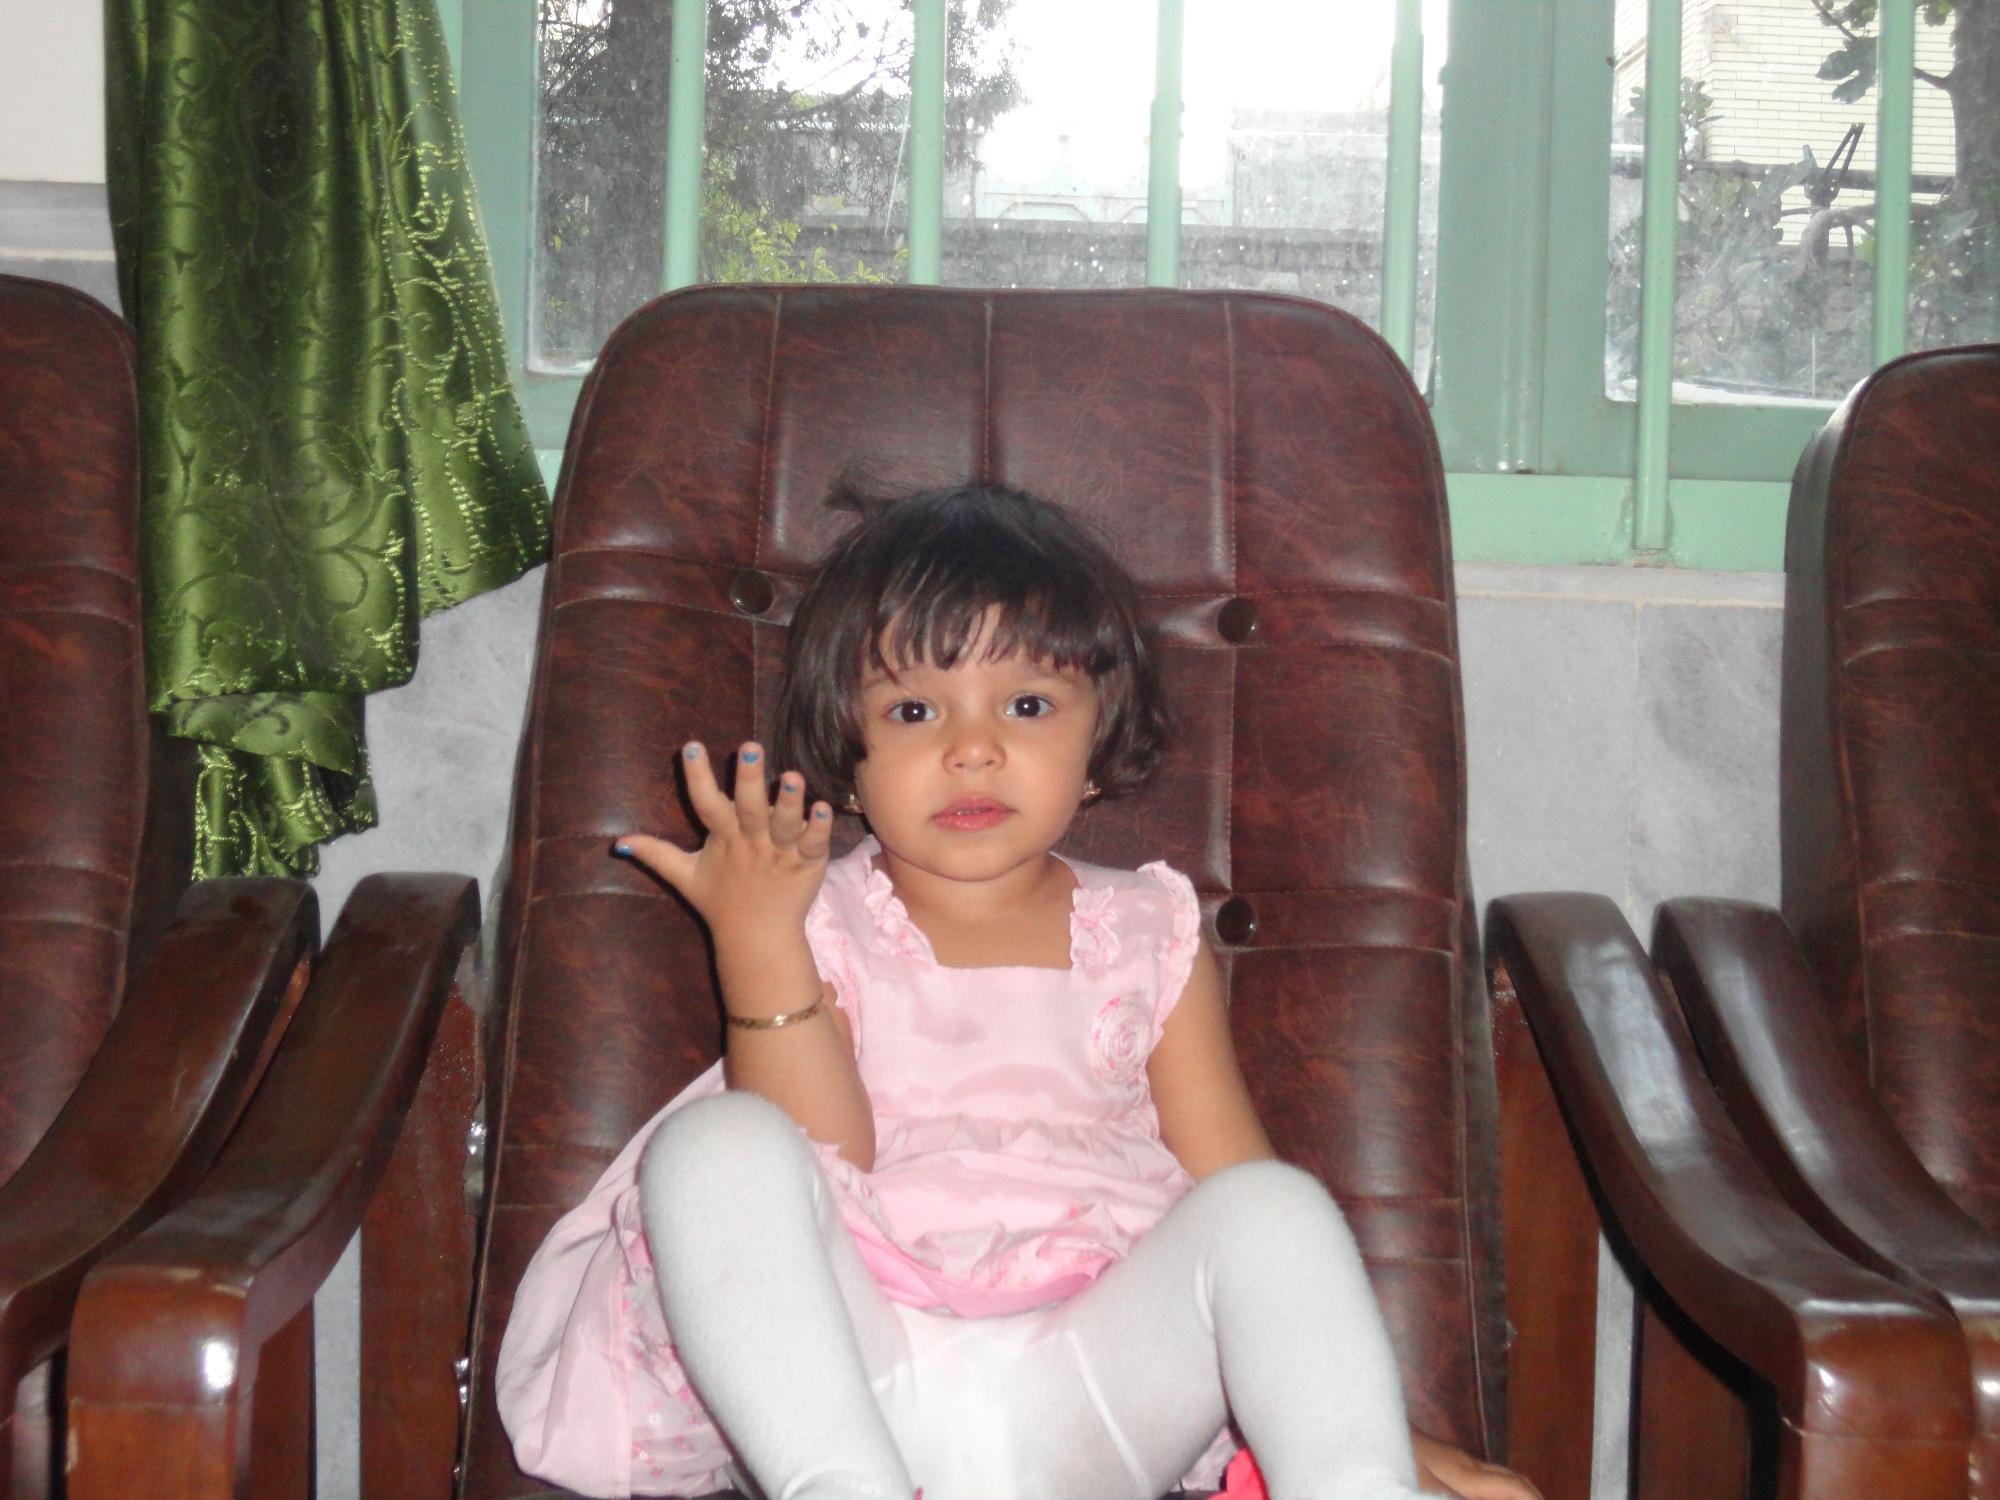 http://avin89.persiangig.com/DSC01638.JPG